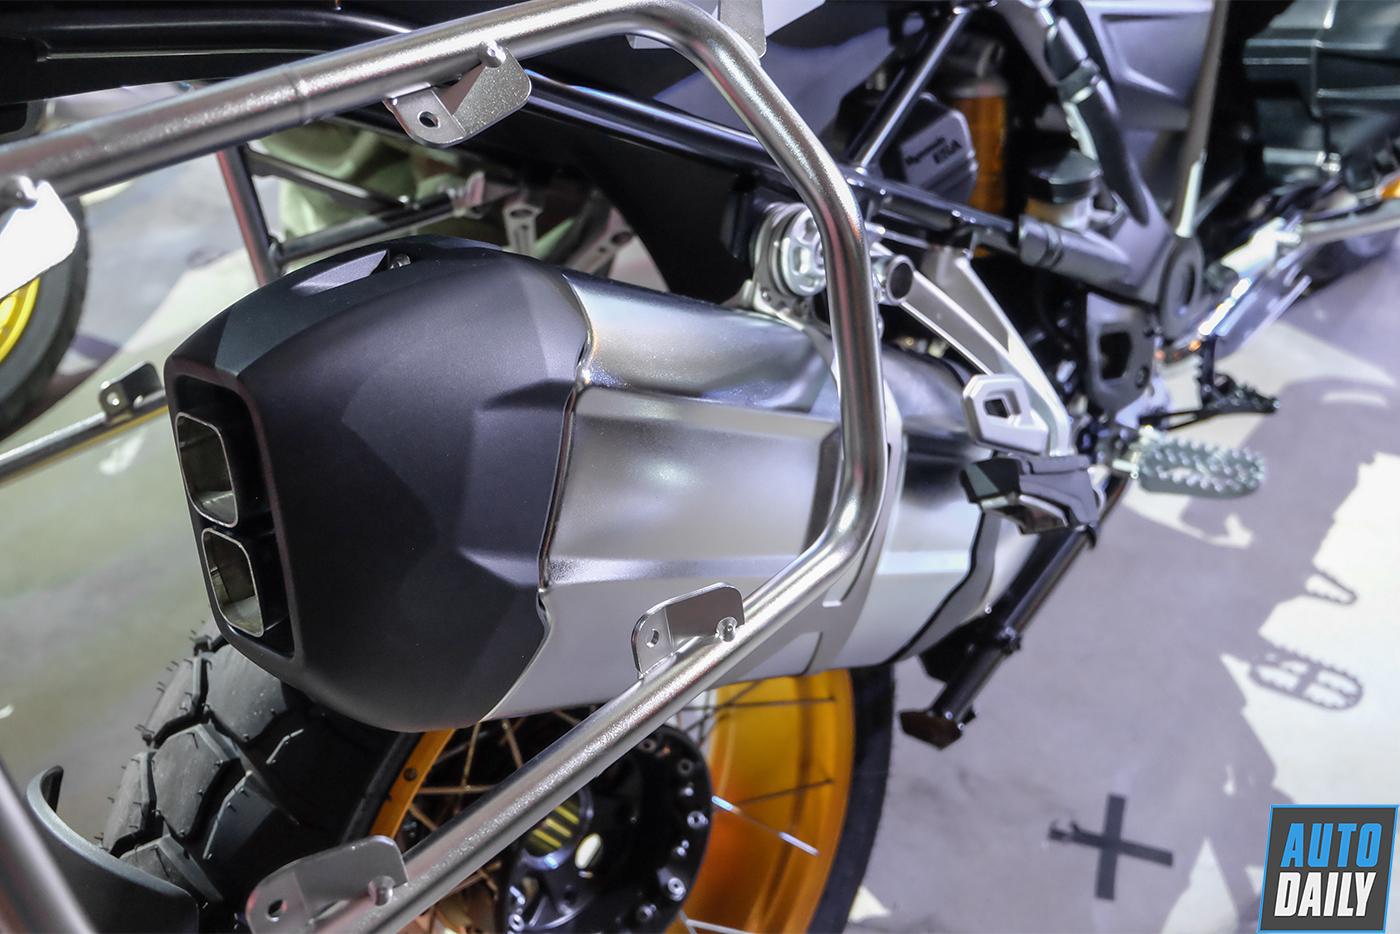 bmw-motorrad-r-1250-gsa-2019-58.jpg